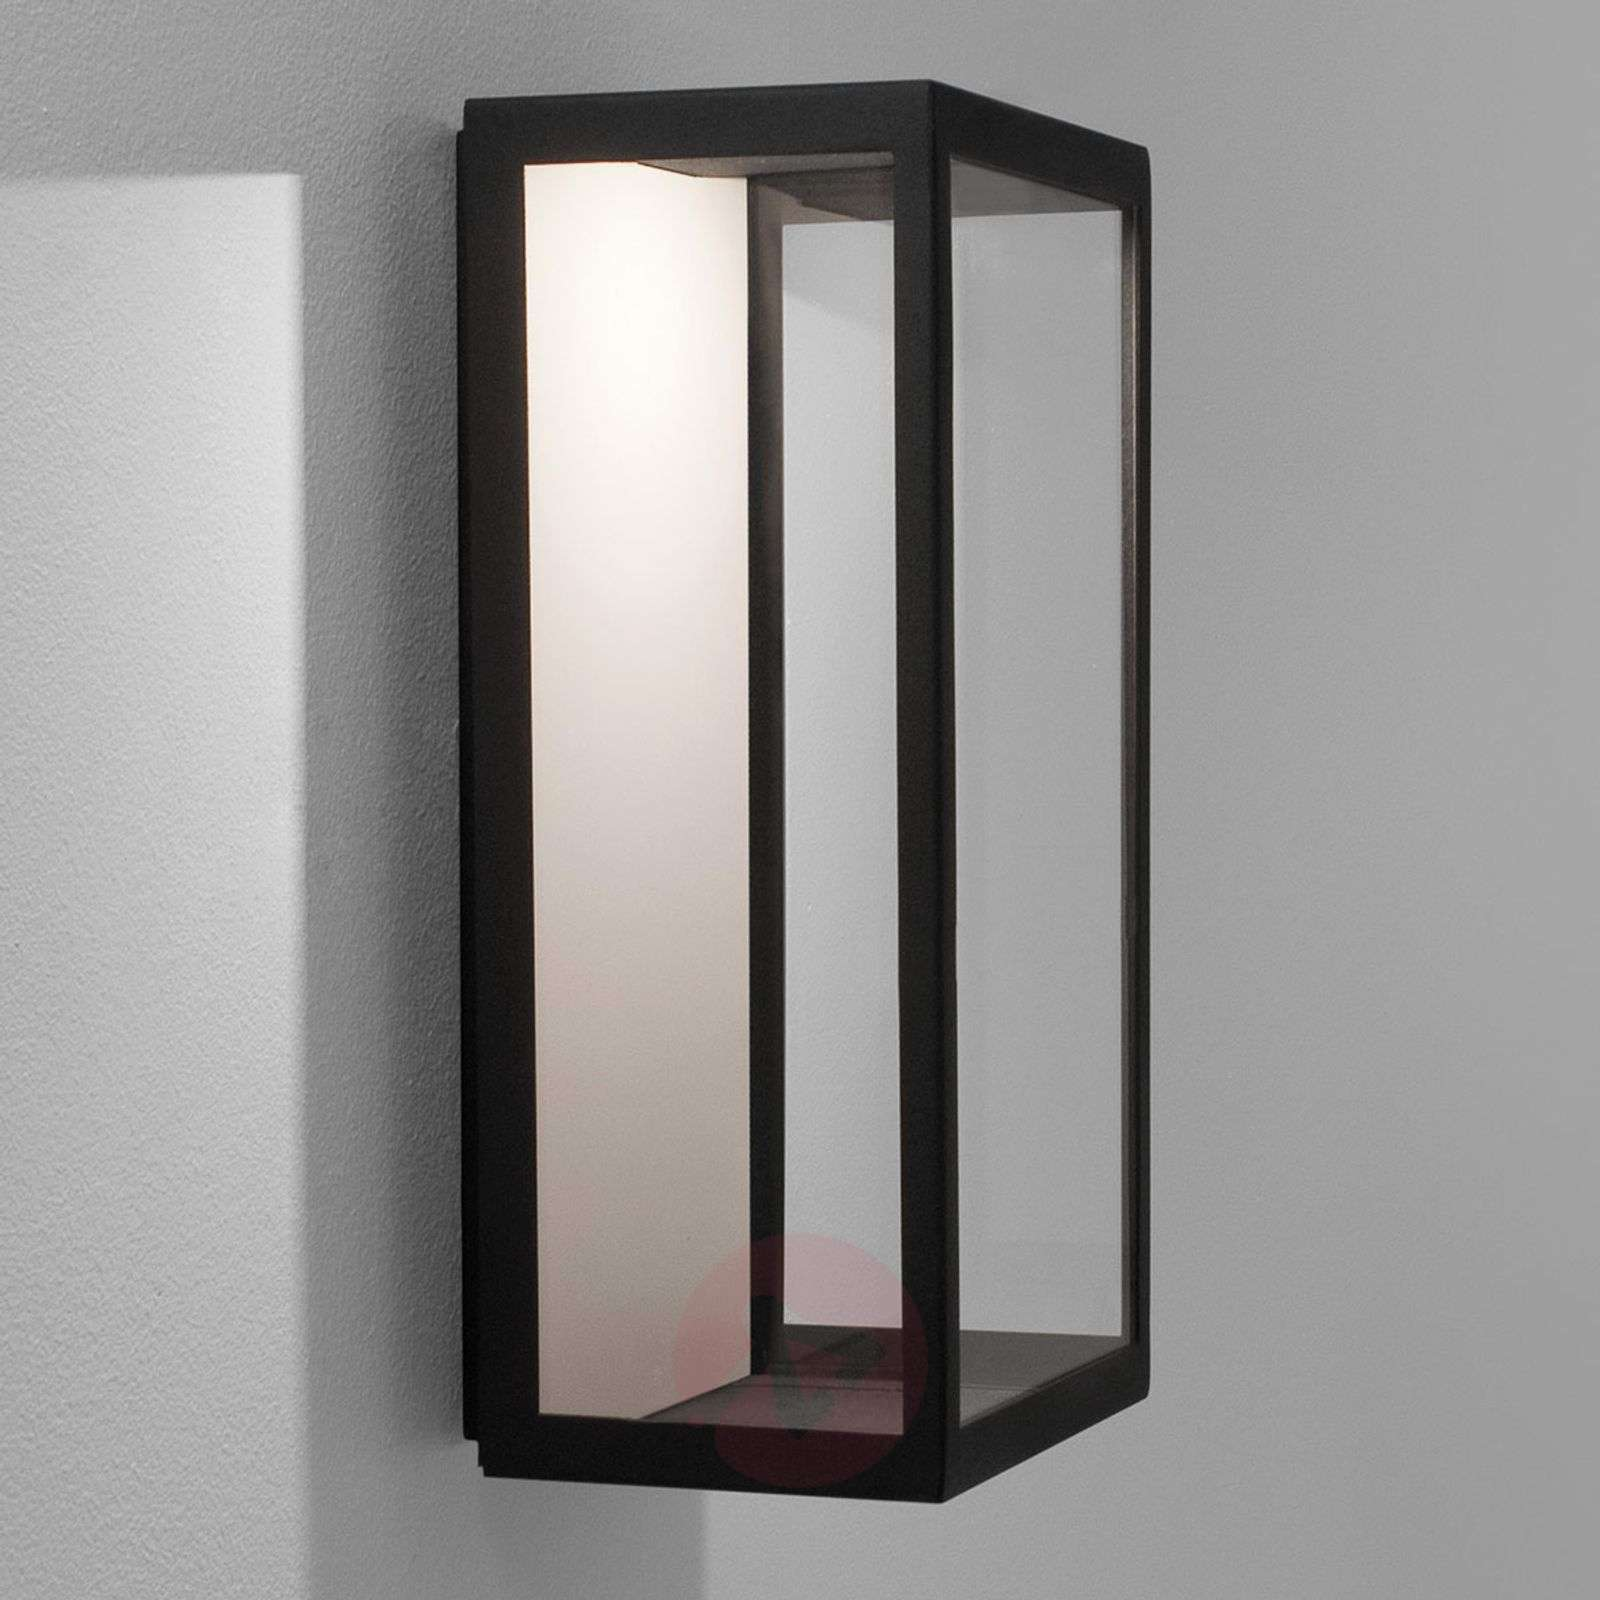 LED-ulkoseinävalaisin Puzzle musta-1020528-02